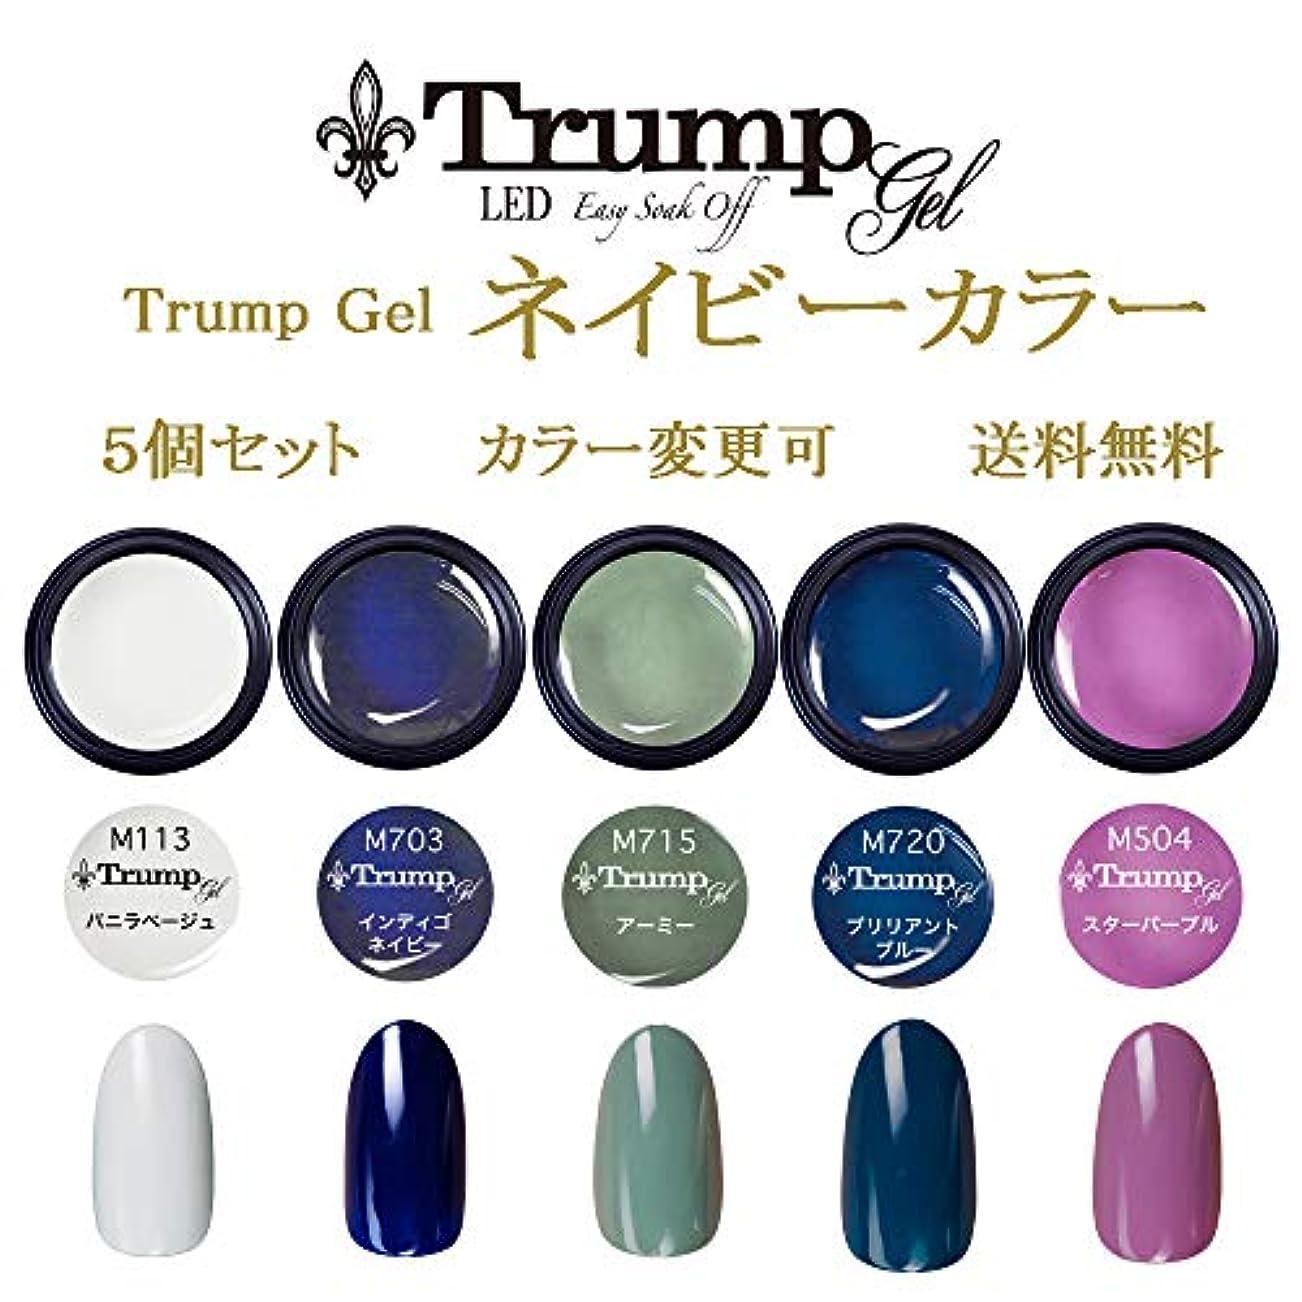 パトロン名義で溢れんばかりの日本製 Trump gel トランプジェル ネイビーカラー 選べる カラージェル 5個セット ホワイト ブルー ネイビー パープル カーキ グリーン